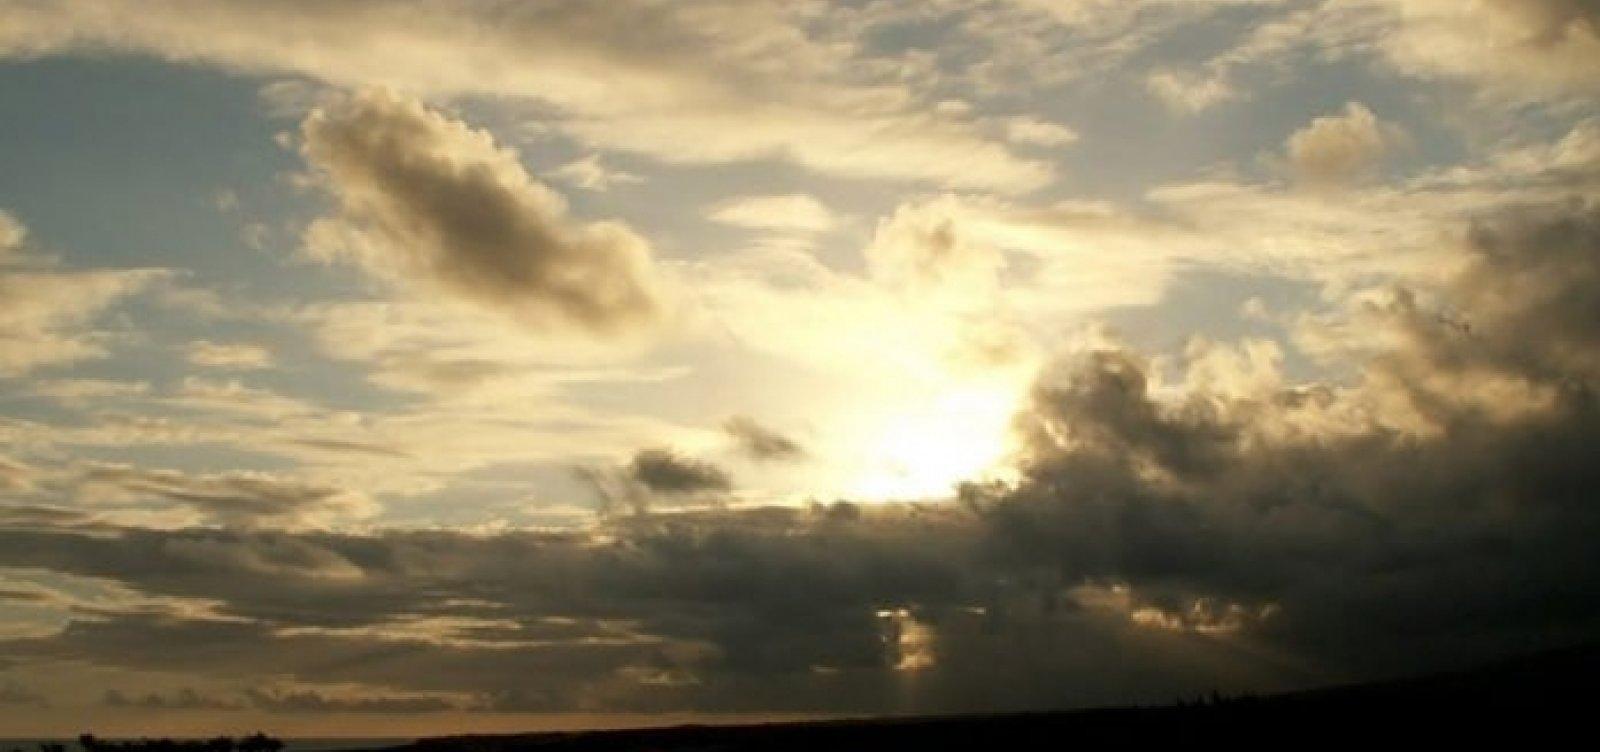 [Feriado prolongado tem previsão de sol entre nuvens em Salvador]